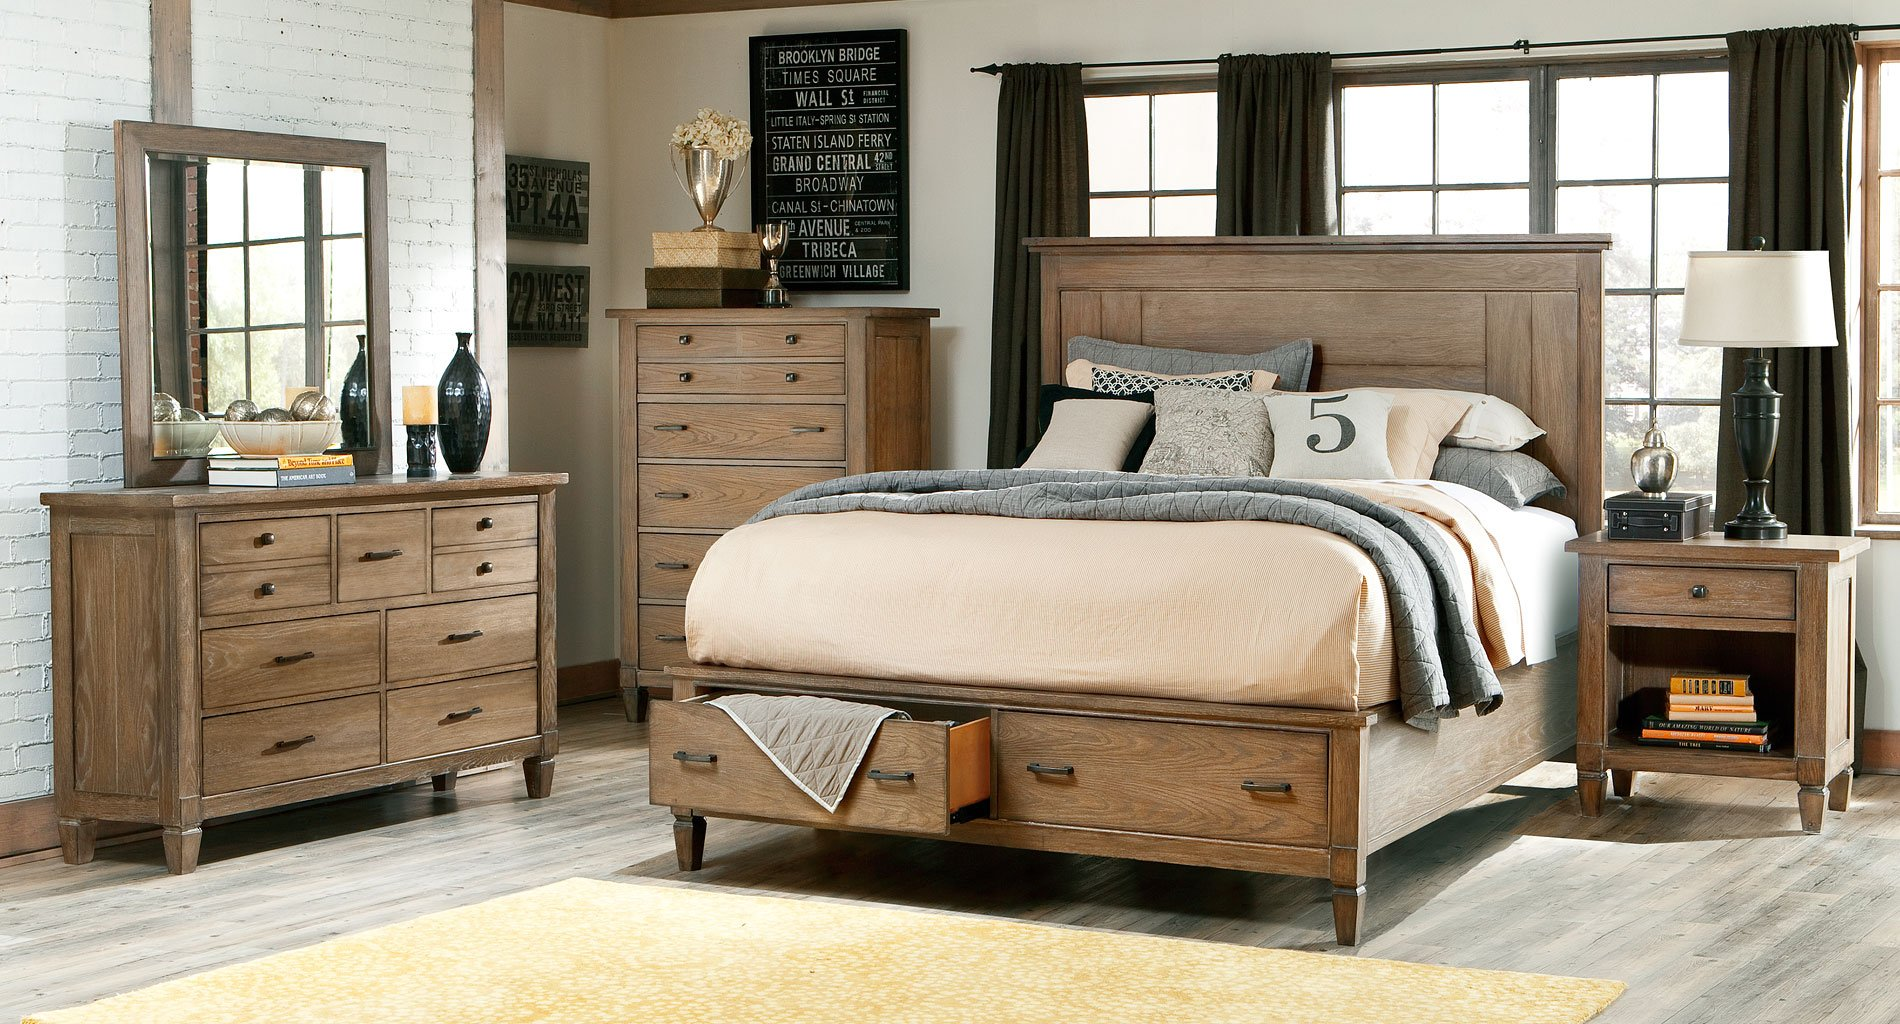 Brownstone village storage bedroom set legacy classic - Furniture village bedroom furniture ...